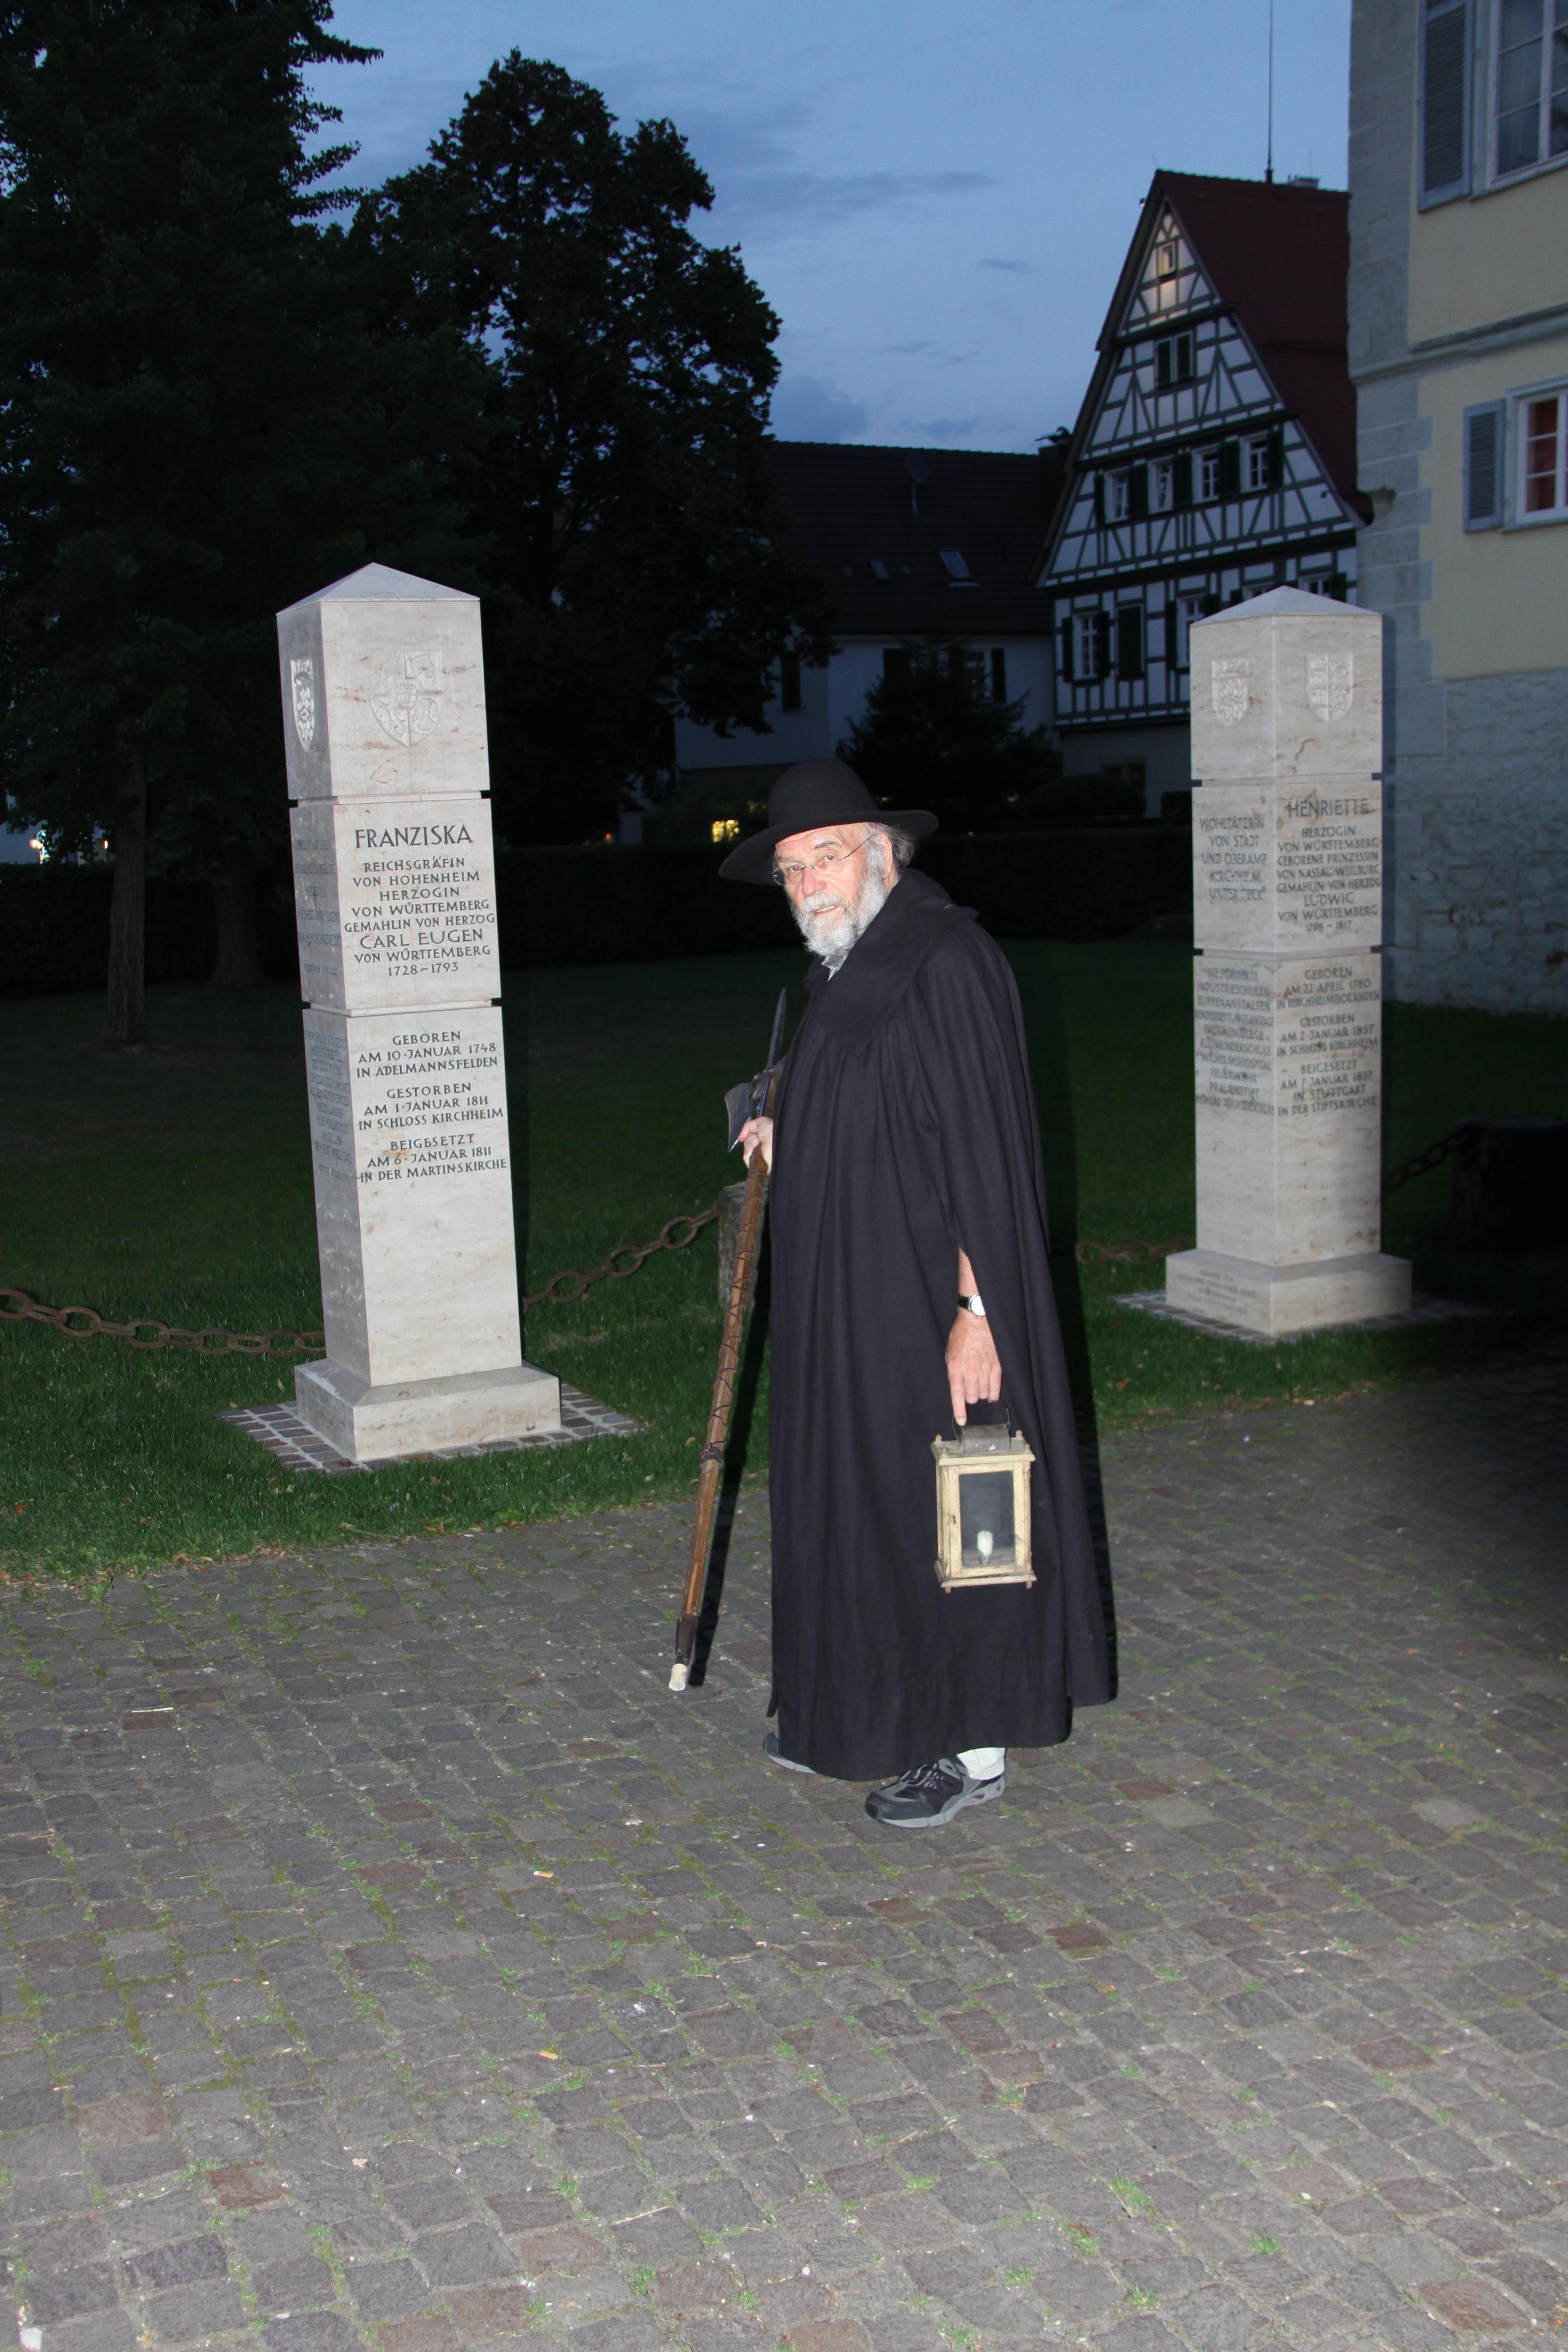 Nachtwächter Stadtführung in Kirchheim unter Teck Albtrauf